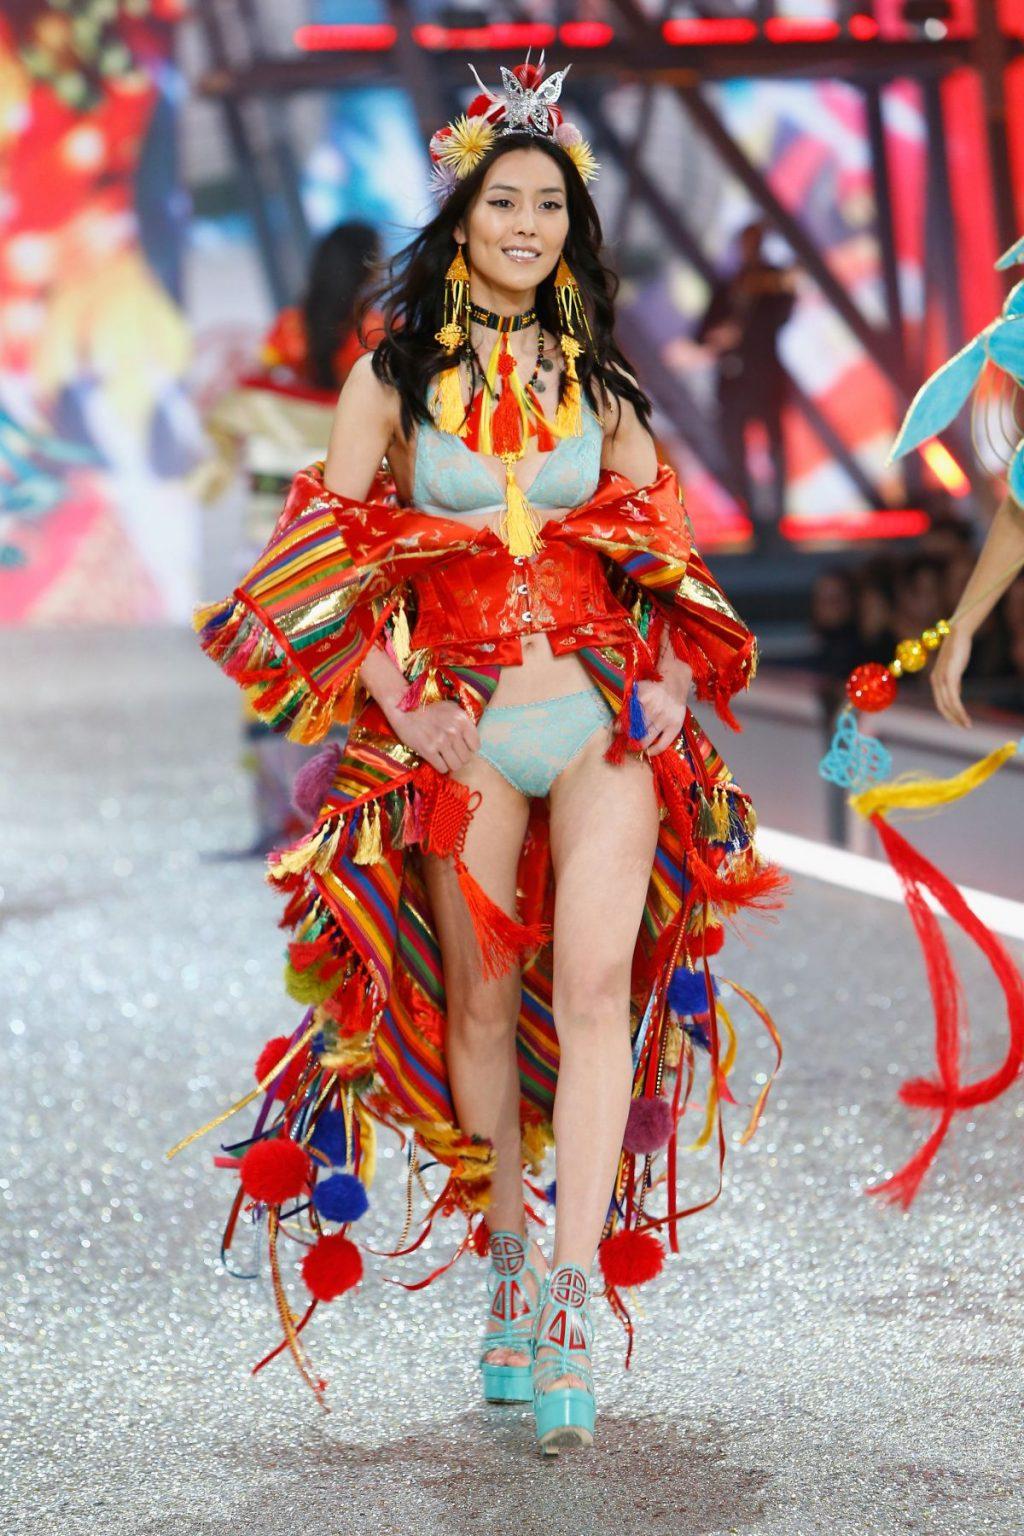 Tại sao thương hiệu nội y Victoria's Secret chọn Thượng Hải là sàn diễn tiếp theo?